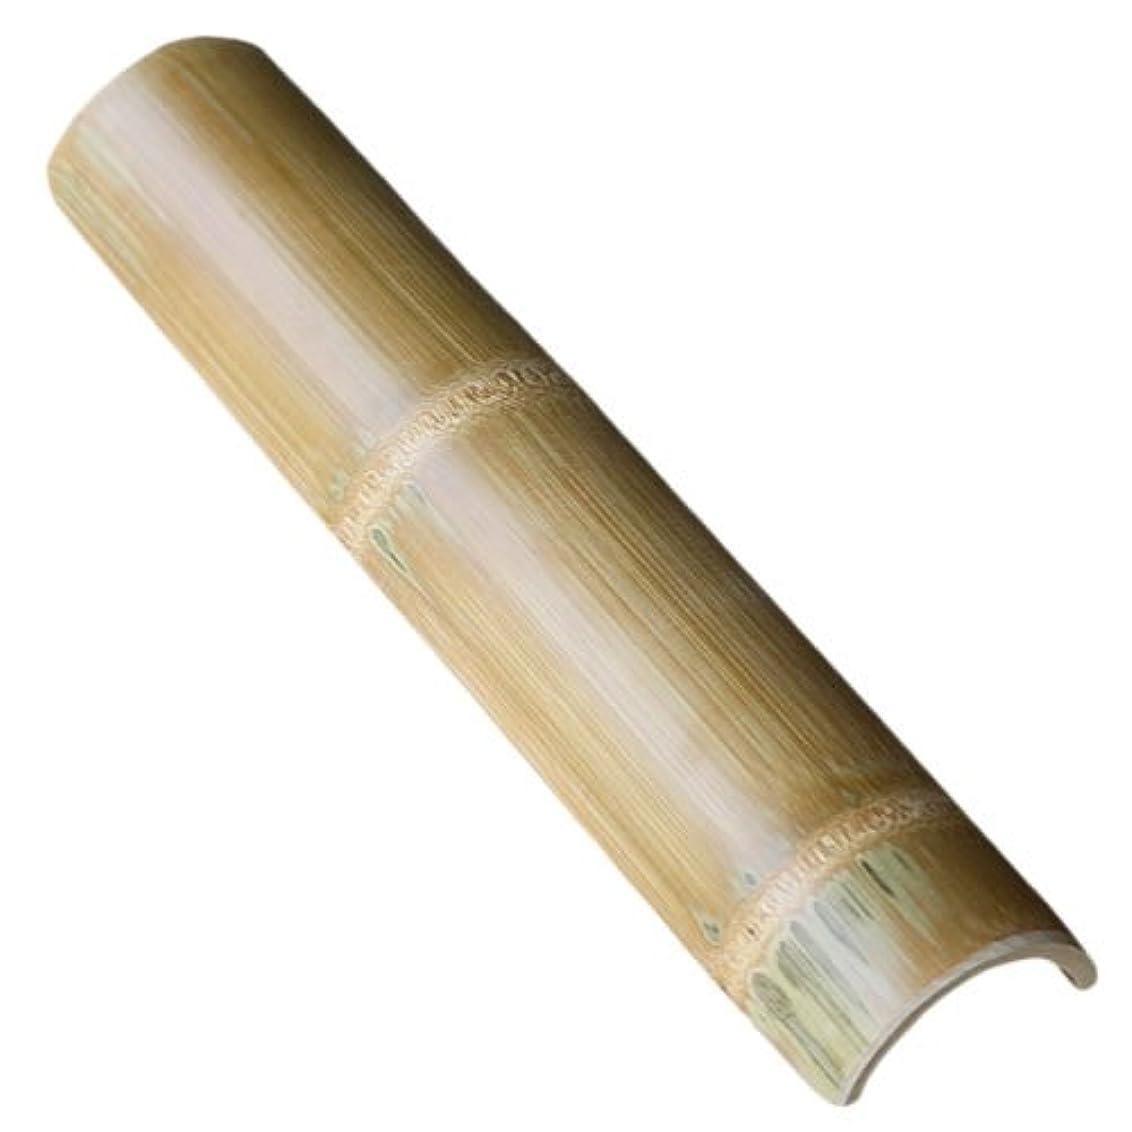 支給耐えられない伝える【国産】青竹を炭化加工して防虫、防カビ効果を向上させて美しく磨き上げています竹踏み(炭化竹)